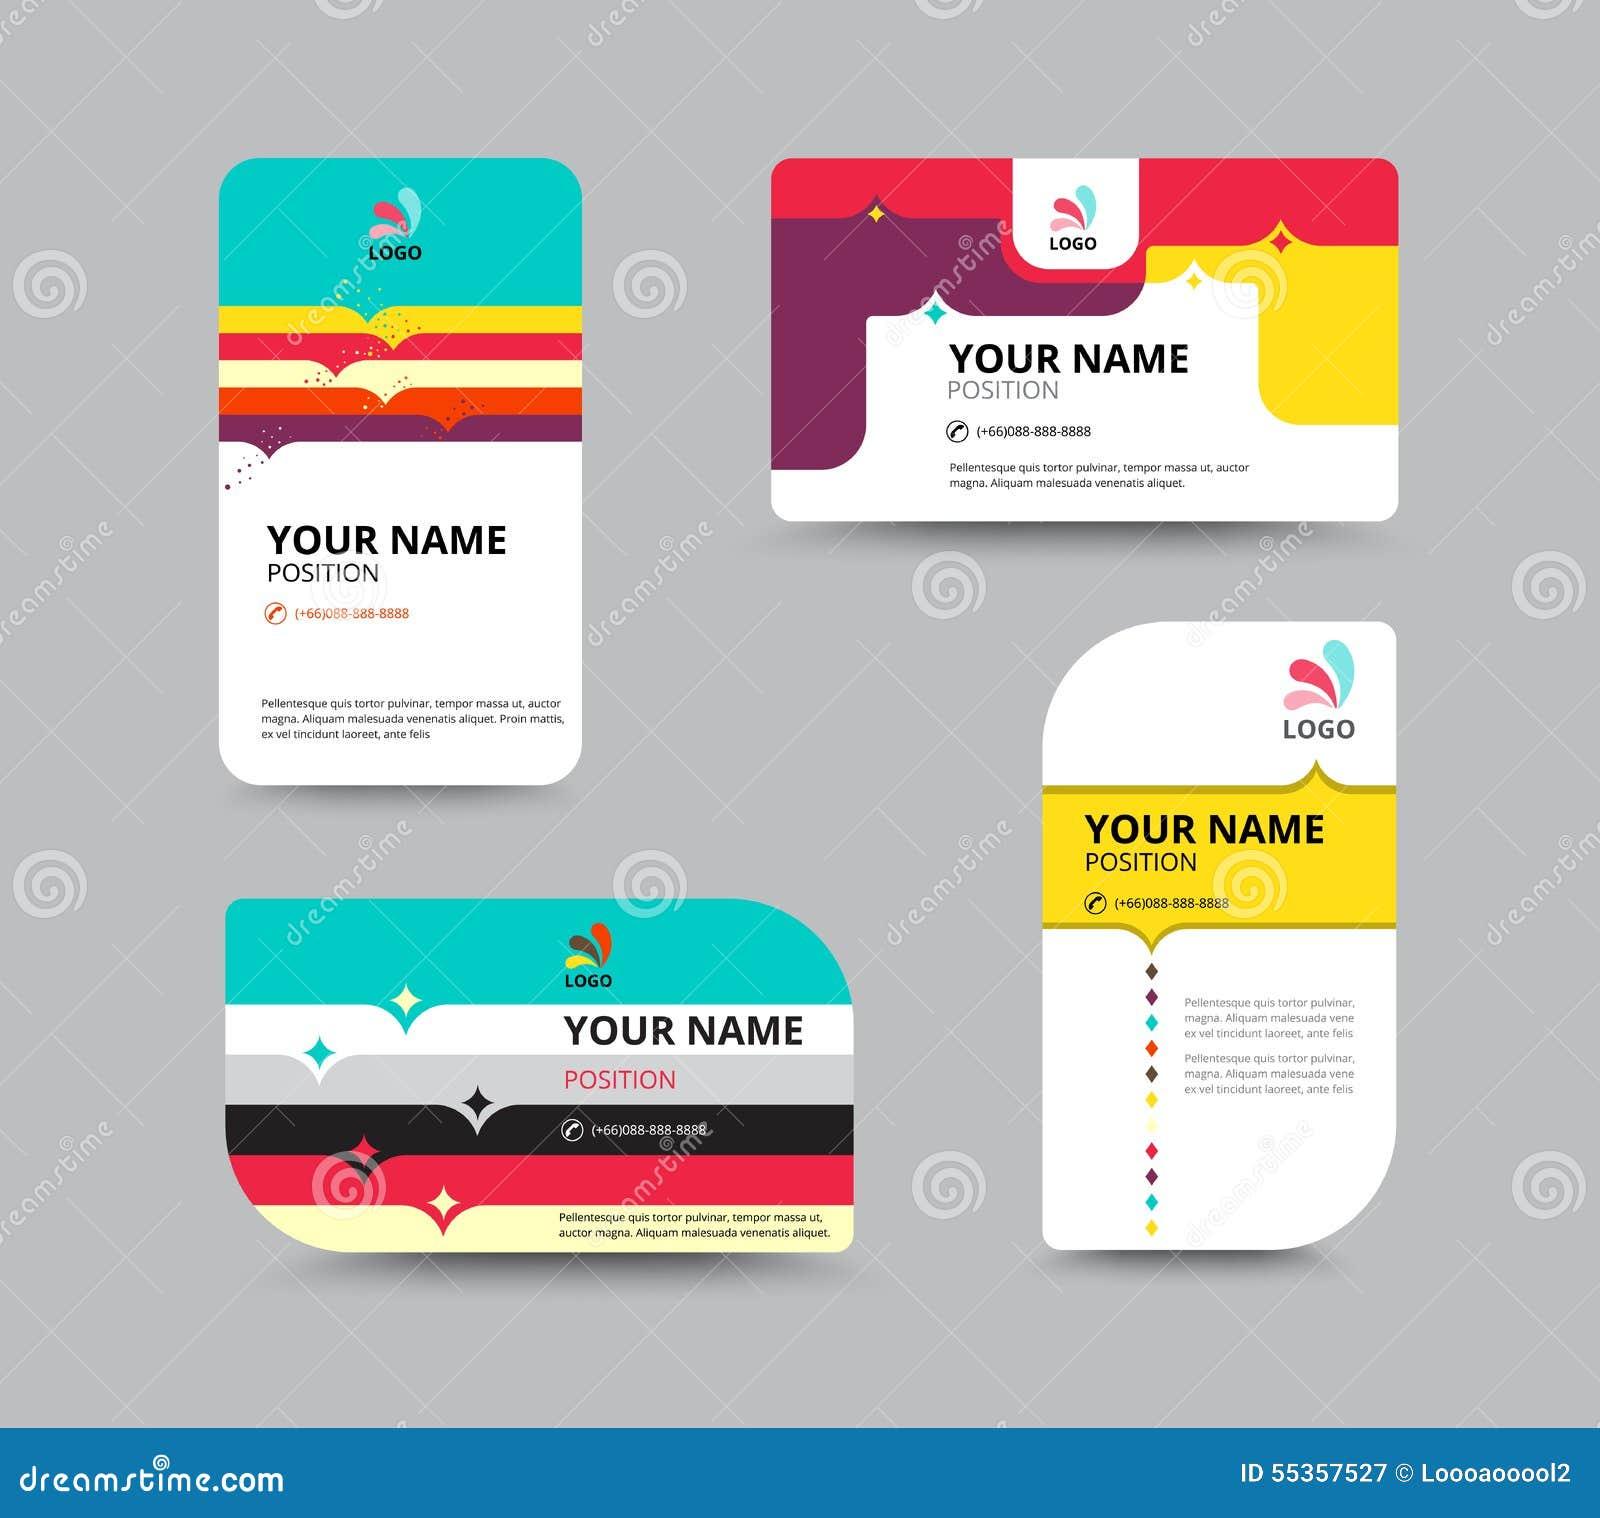 Visiting card layout novaondafm wajeb Image collections